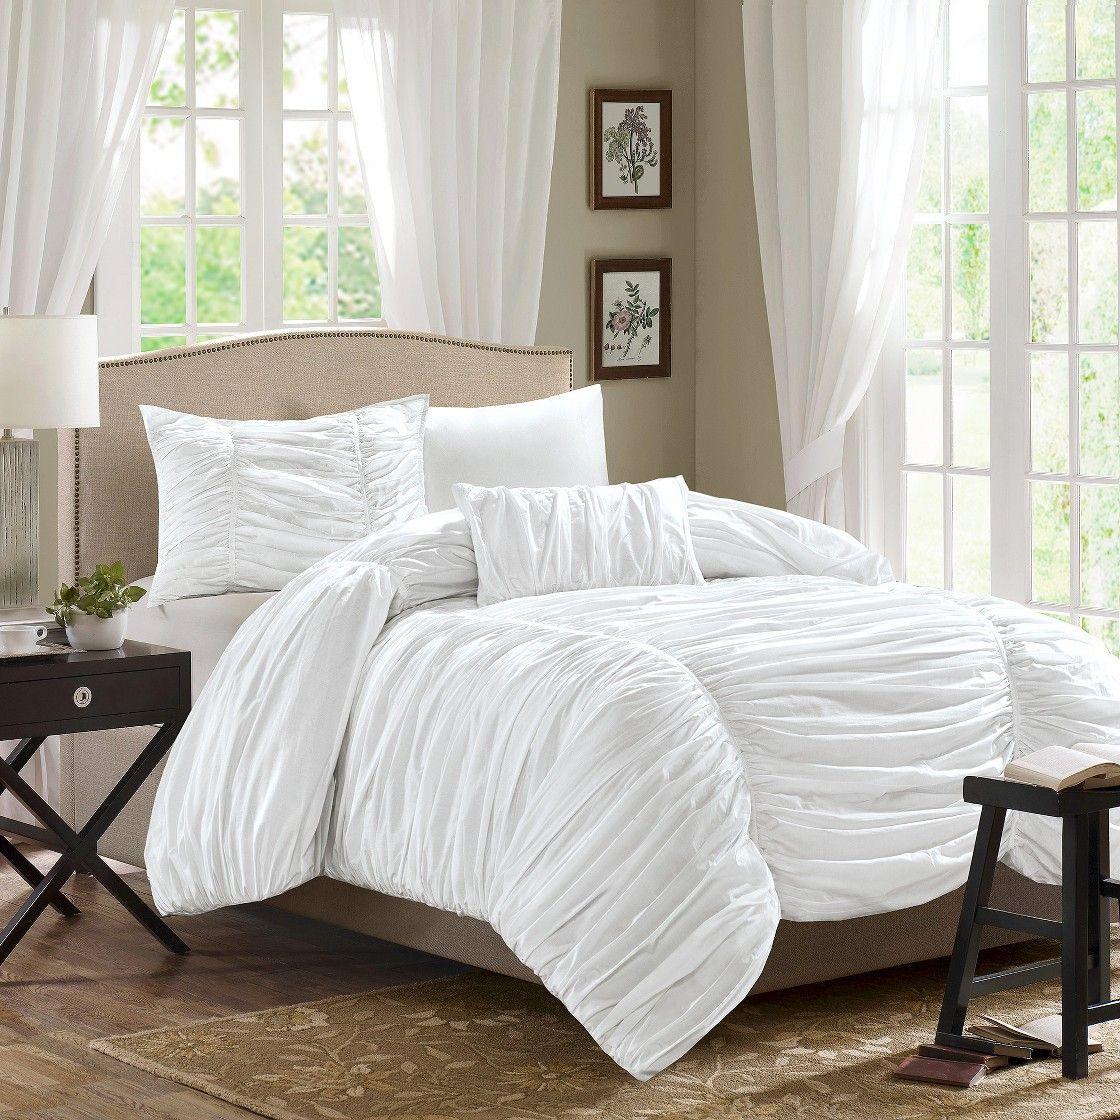 pacifica comforter set comforter duvet and target